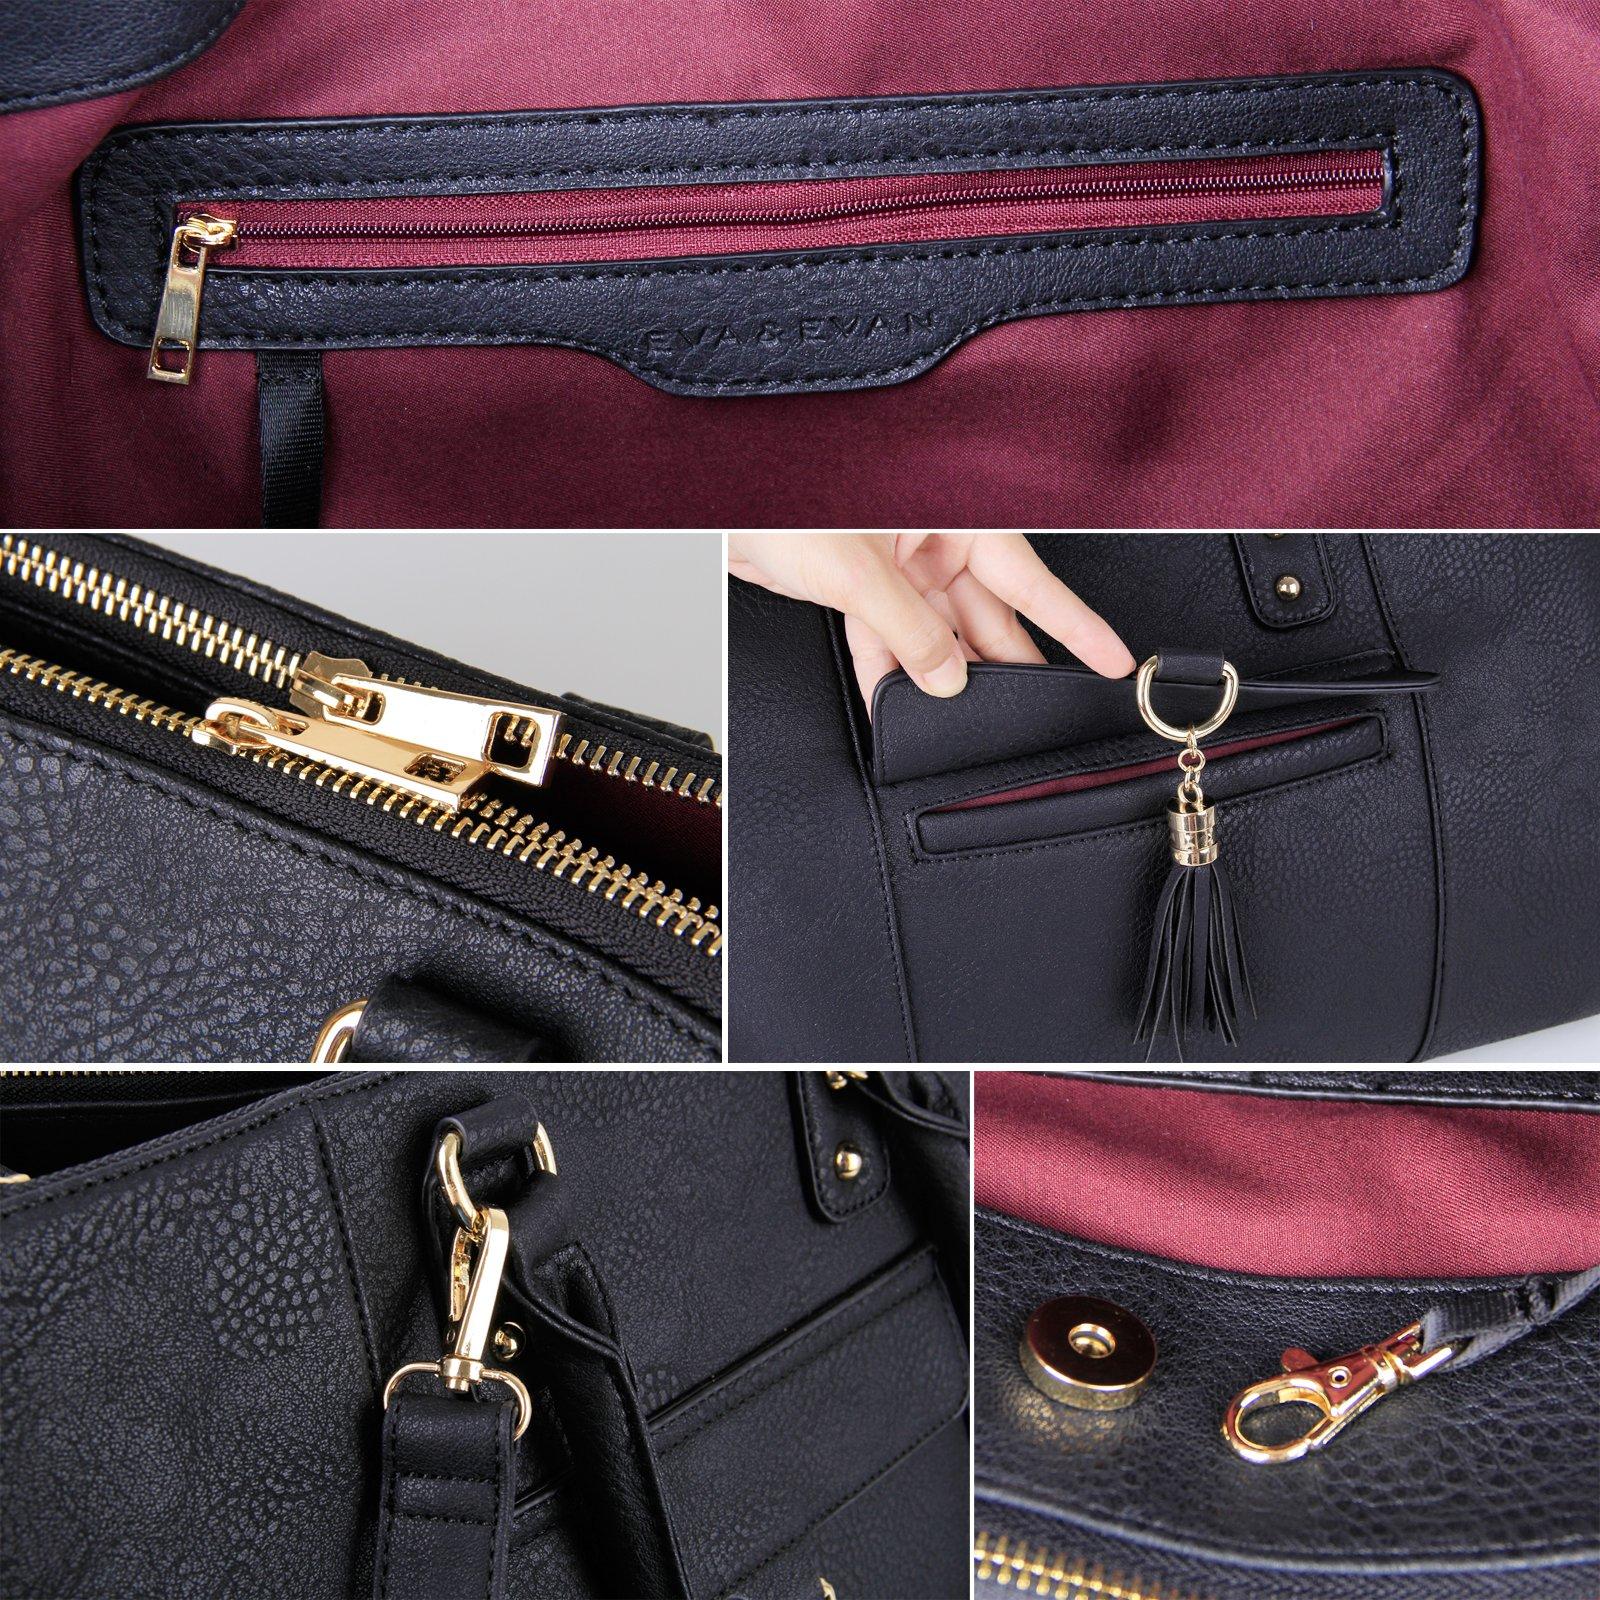 Eva & Evan 2018 New Women Satchel Handbags Shoulder Bag with Tassels Top Handle Large PU Leather Adjustable Strap Black by BAYTTER (Image #6)